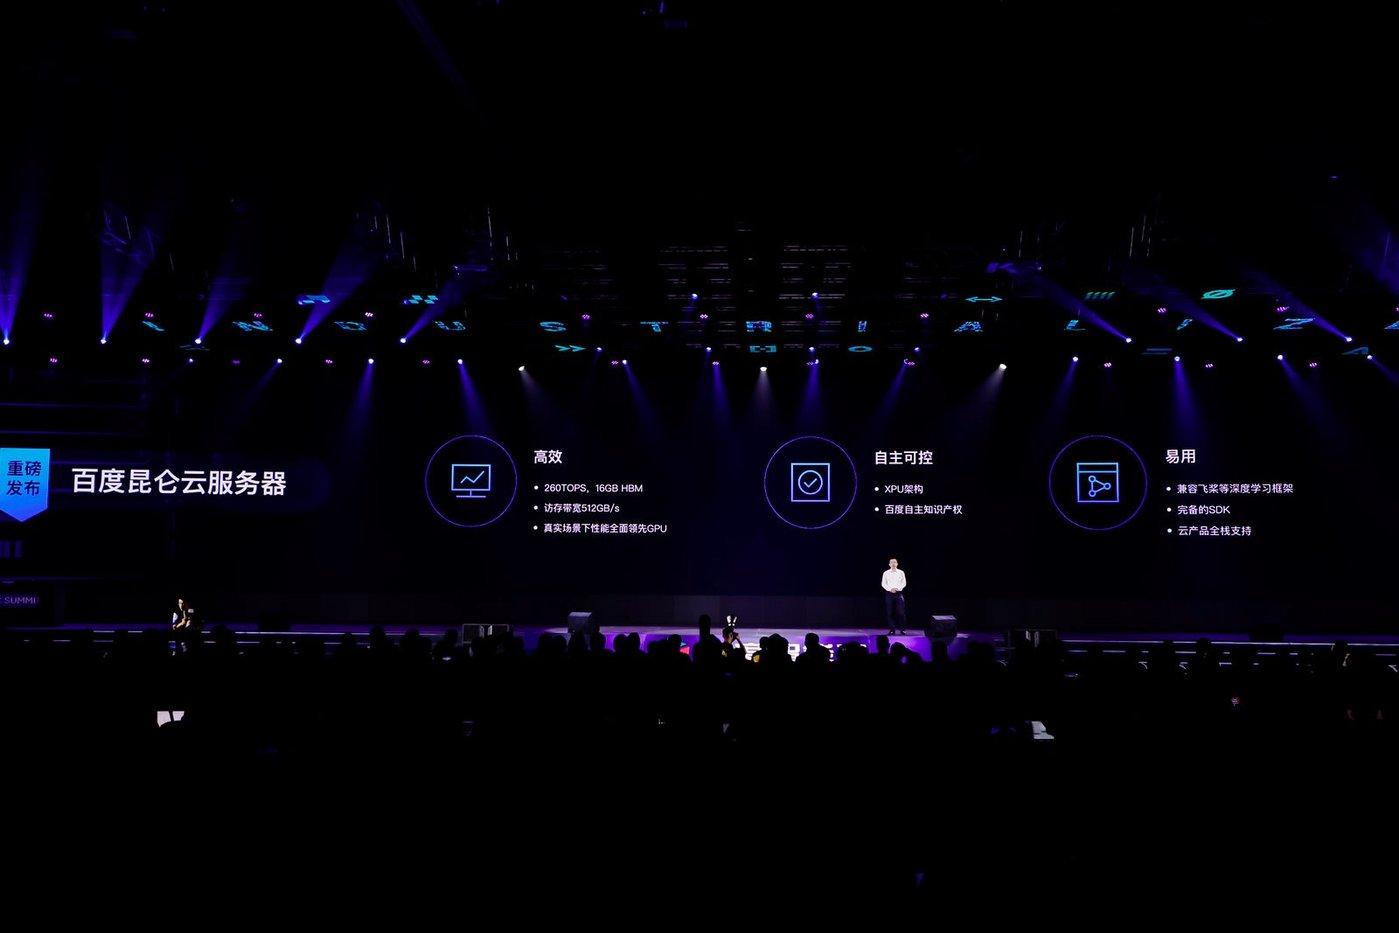 """百度智能云发布""""昆仑云服务器"""",基于百度自主研发的中国第一款云端全功能AI芯片""""昆仑""""而生"""